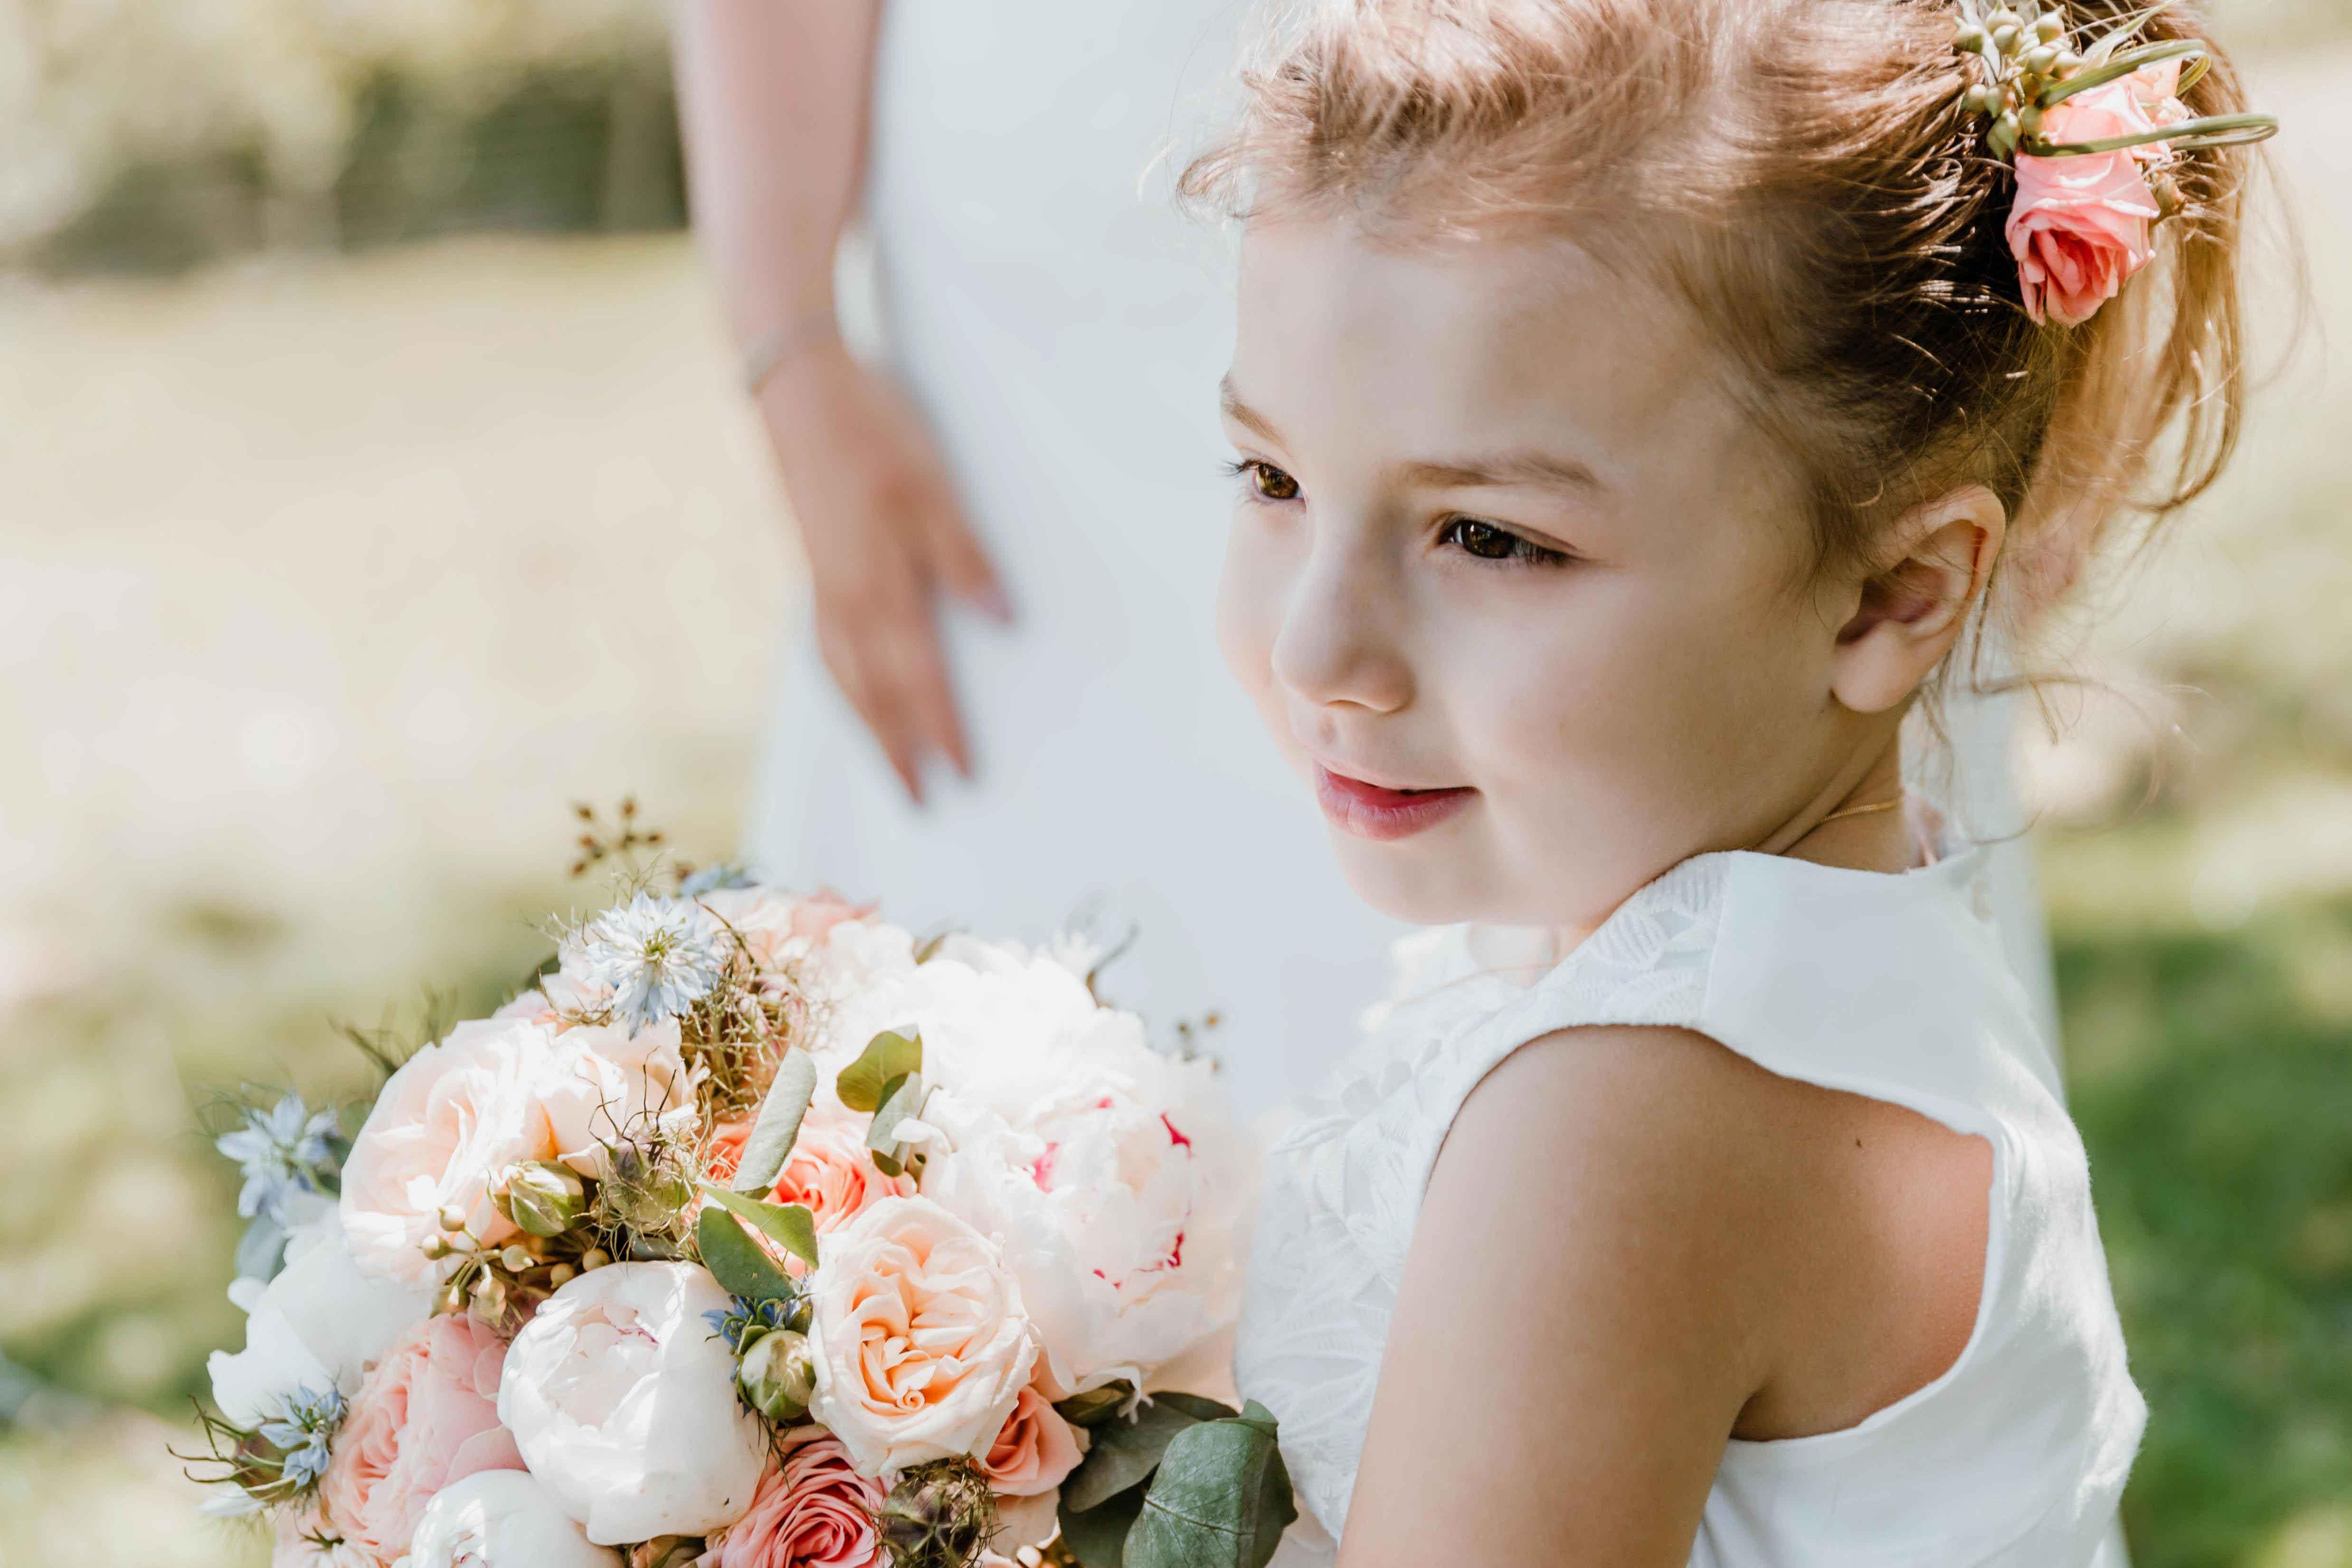 enfant photographe beaujolais lyon avenas calin